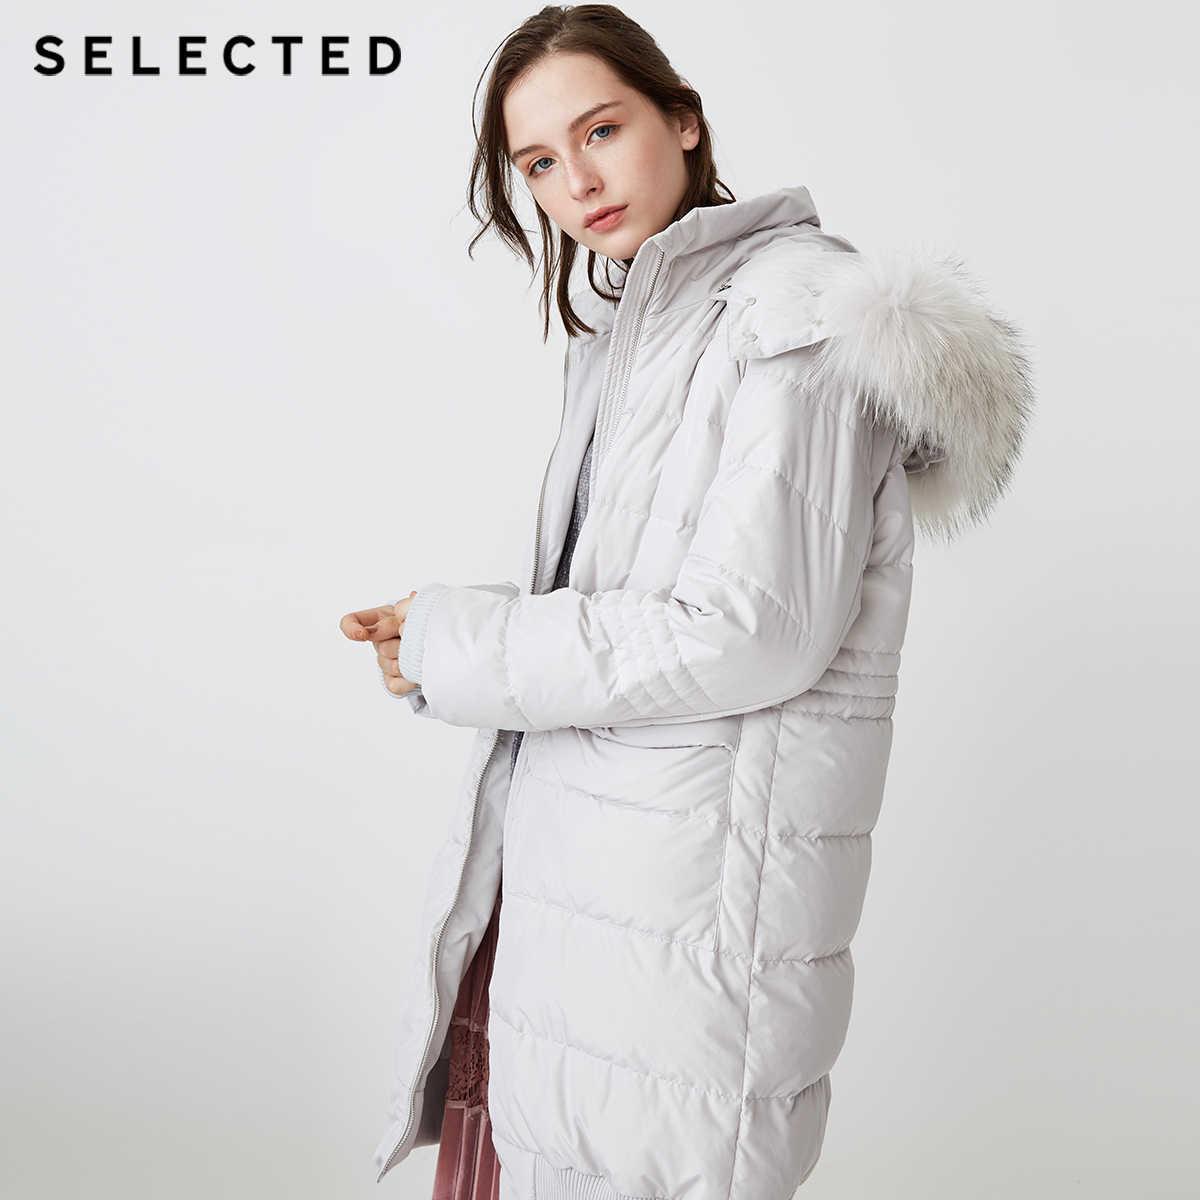 Отборные зимние женские сплошной цвет Верхняя одежда плетеные волосы с капюшоном свободный пуховик пальто S | 418412552